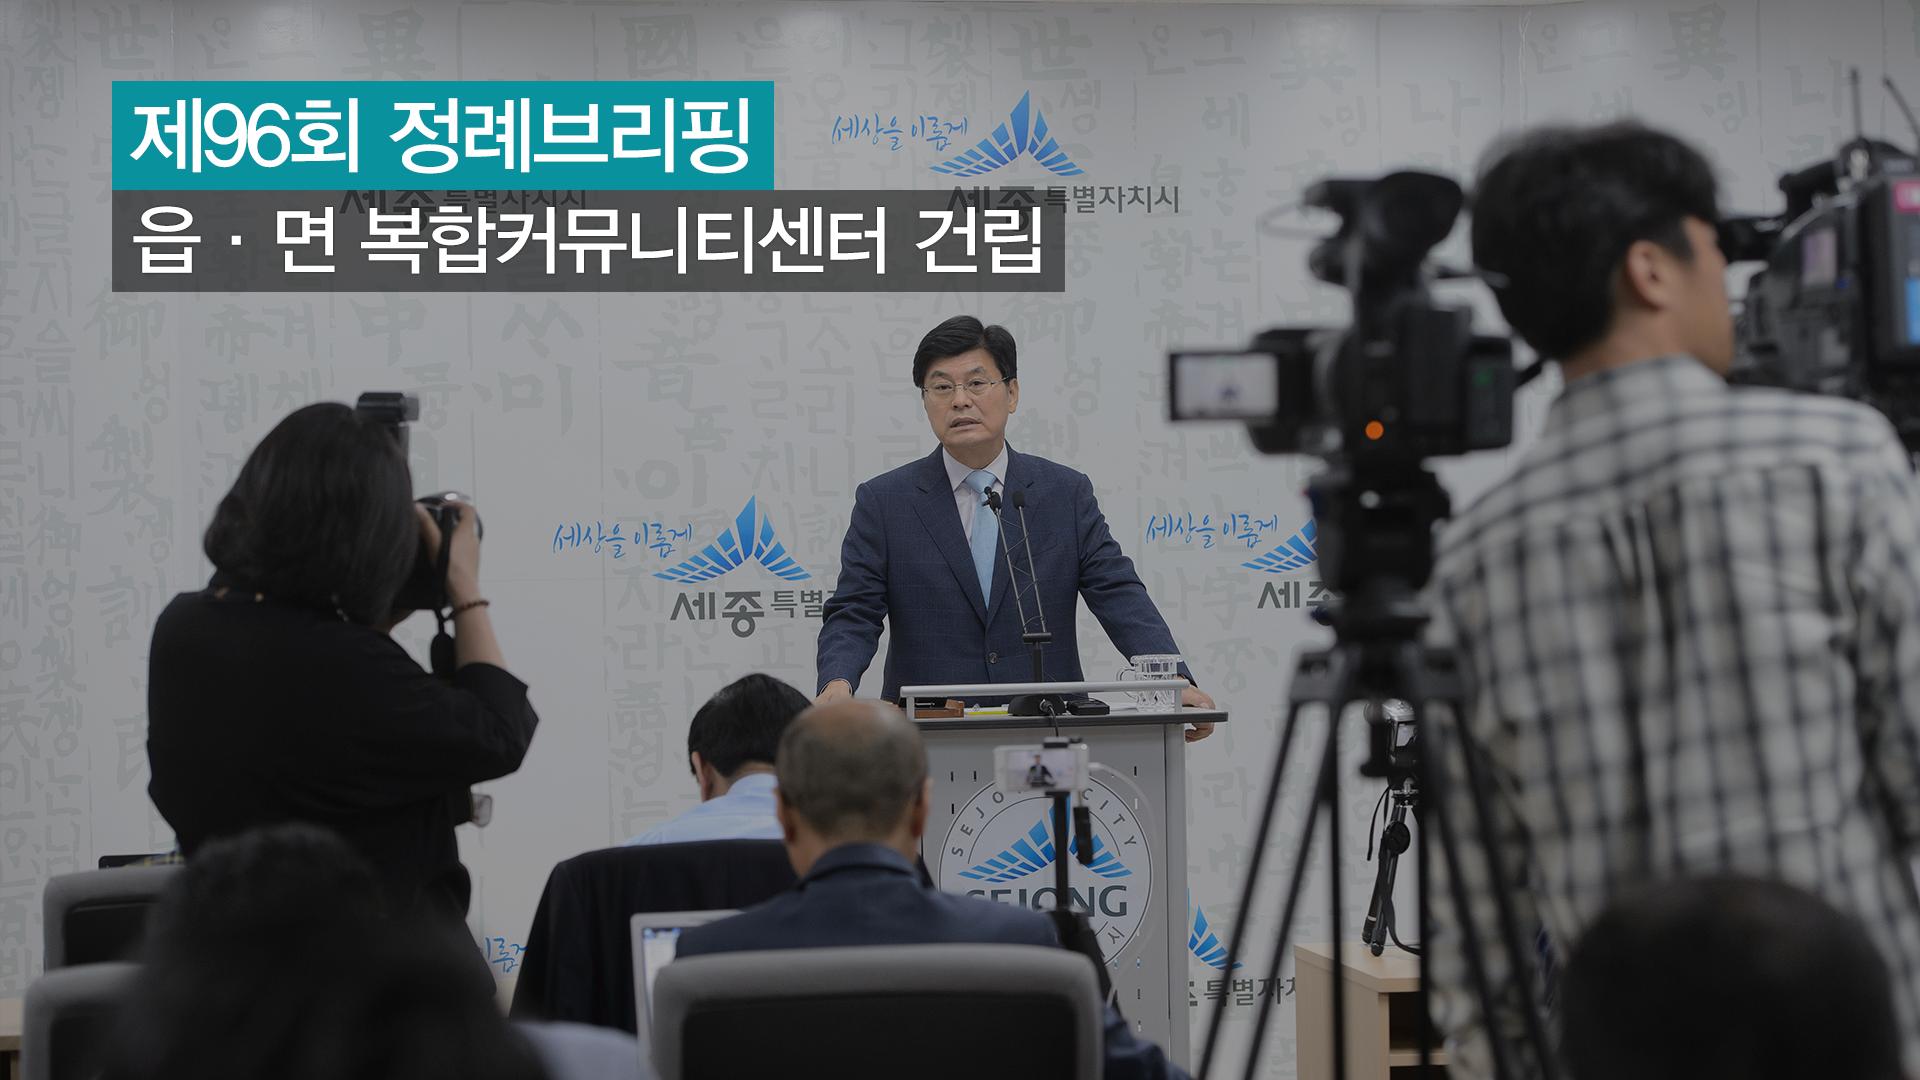 <96번째 정례브리핑> 읍·면 복합커뮤니티센터 건립